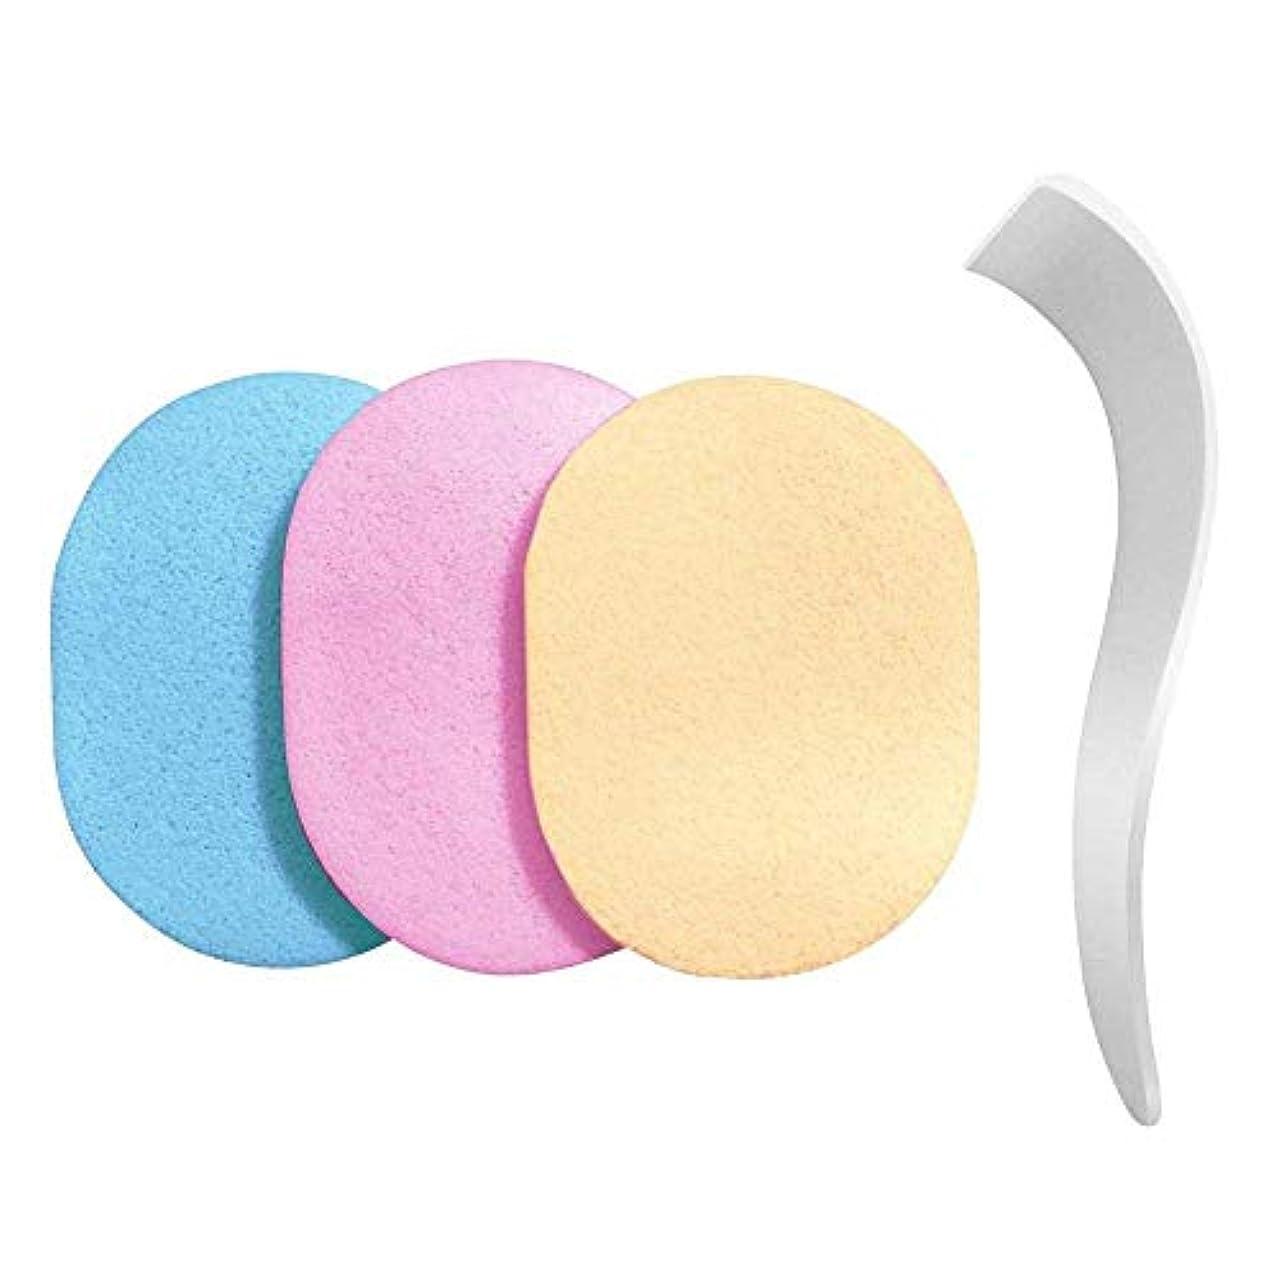 なす月曜まぶしさFlymylion 専用ヘラ スポンジ 洗って使える 3色セット 除毛クリーム専用 メンズ レディース【除毛用】